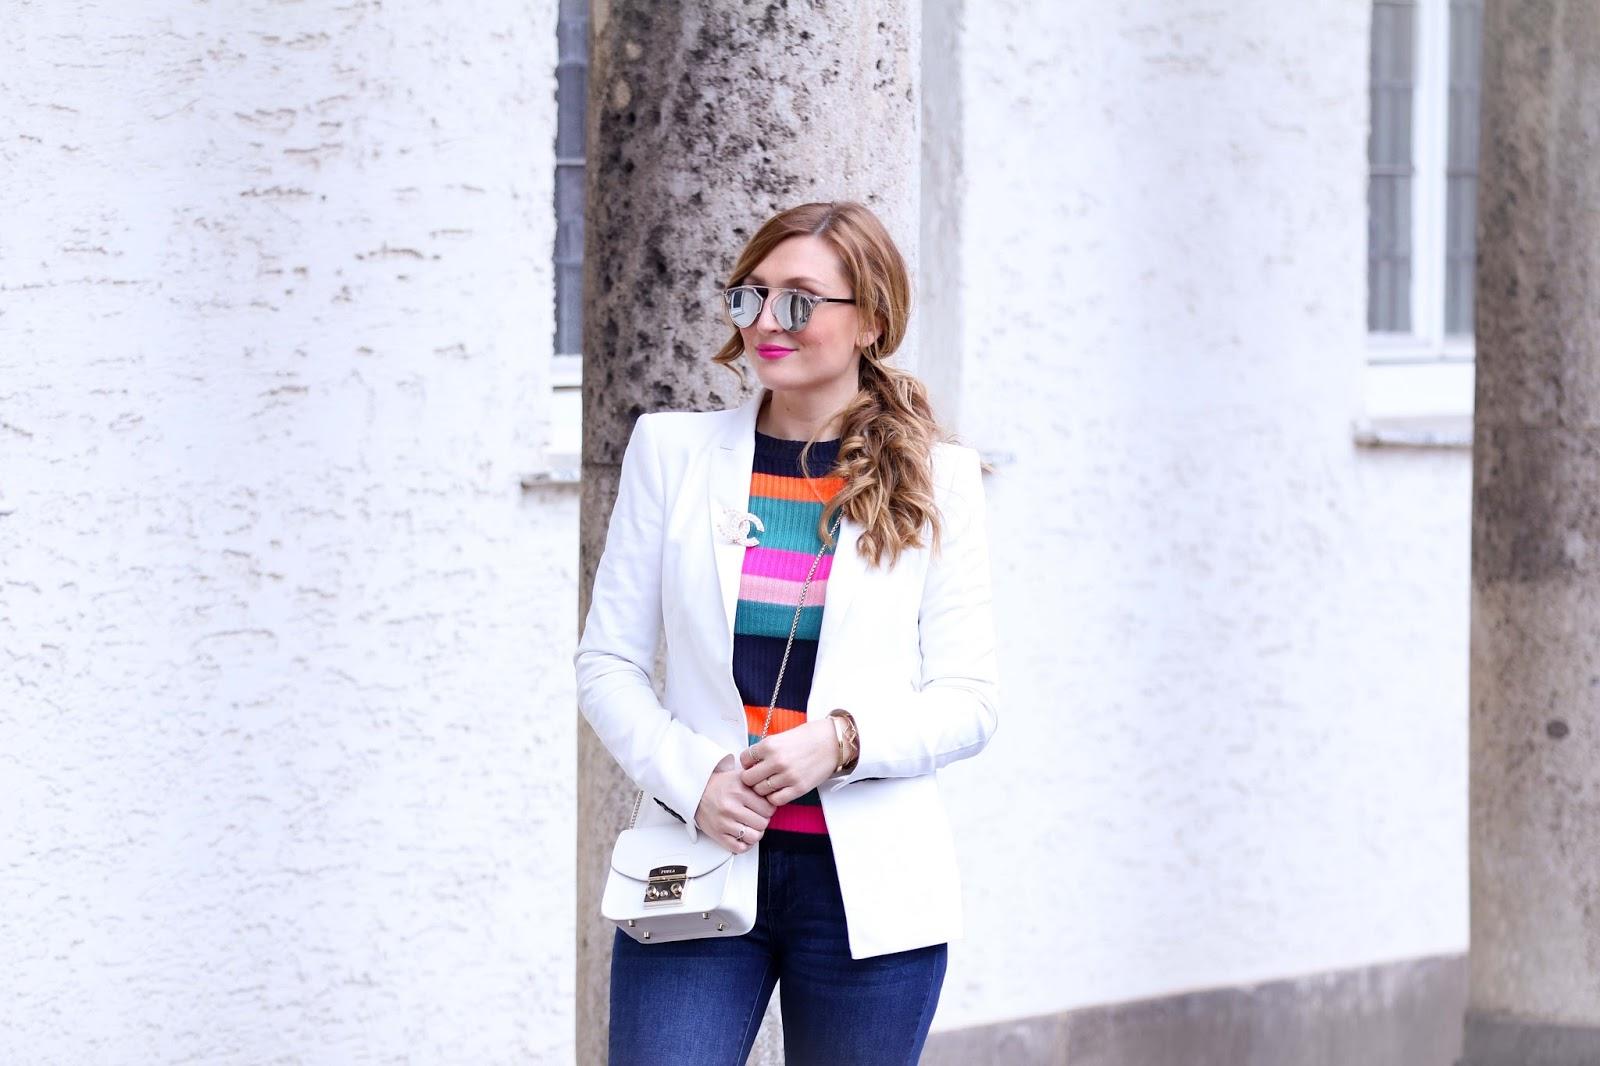 Dior-Sonnenbrille-just-fab-zara-blazer-blogger-im-weißen-blazer-fashionstylebyjohanna